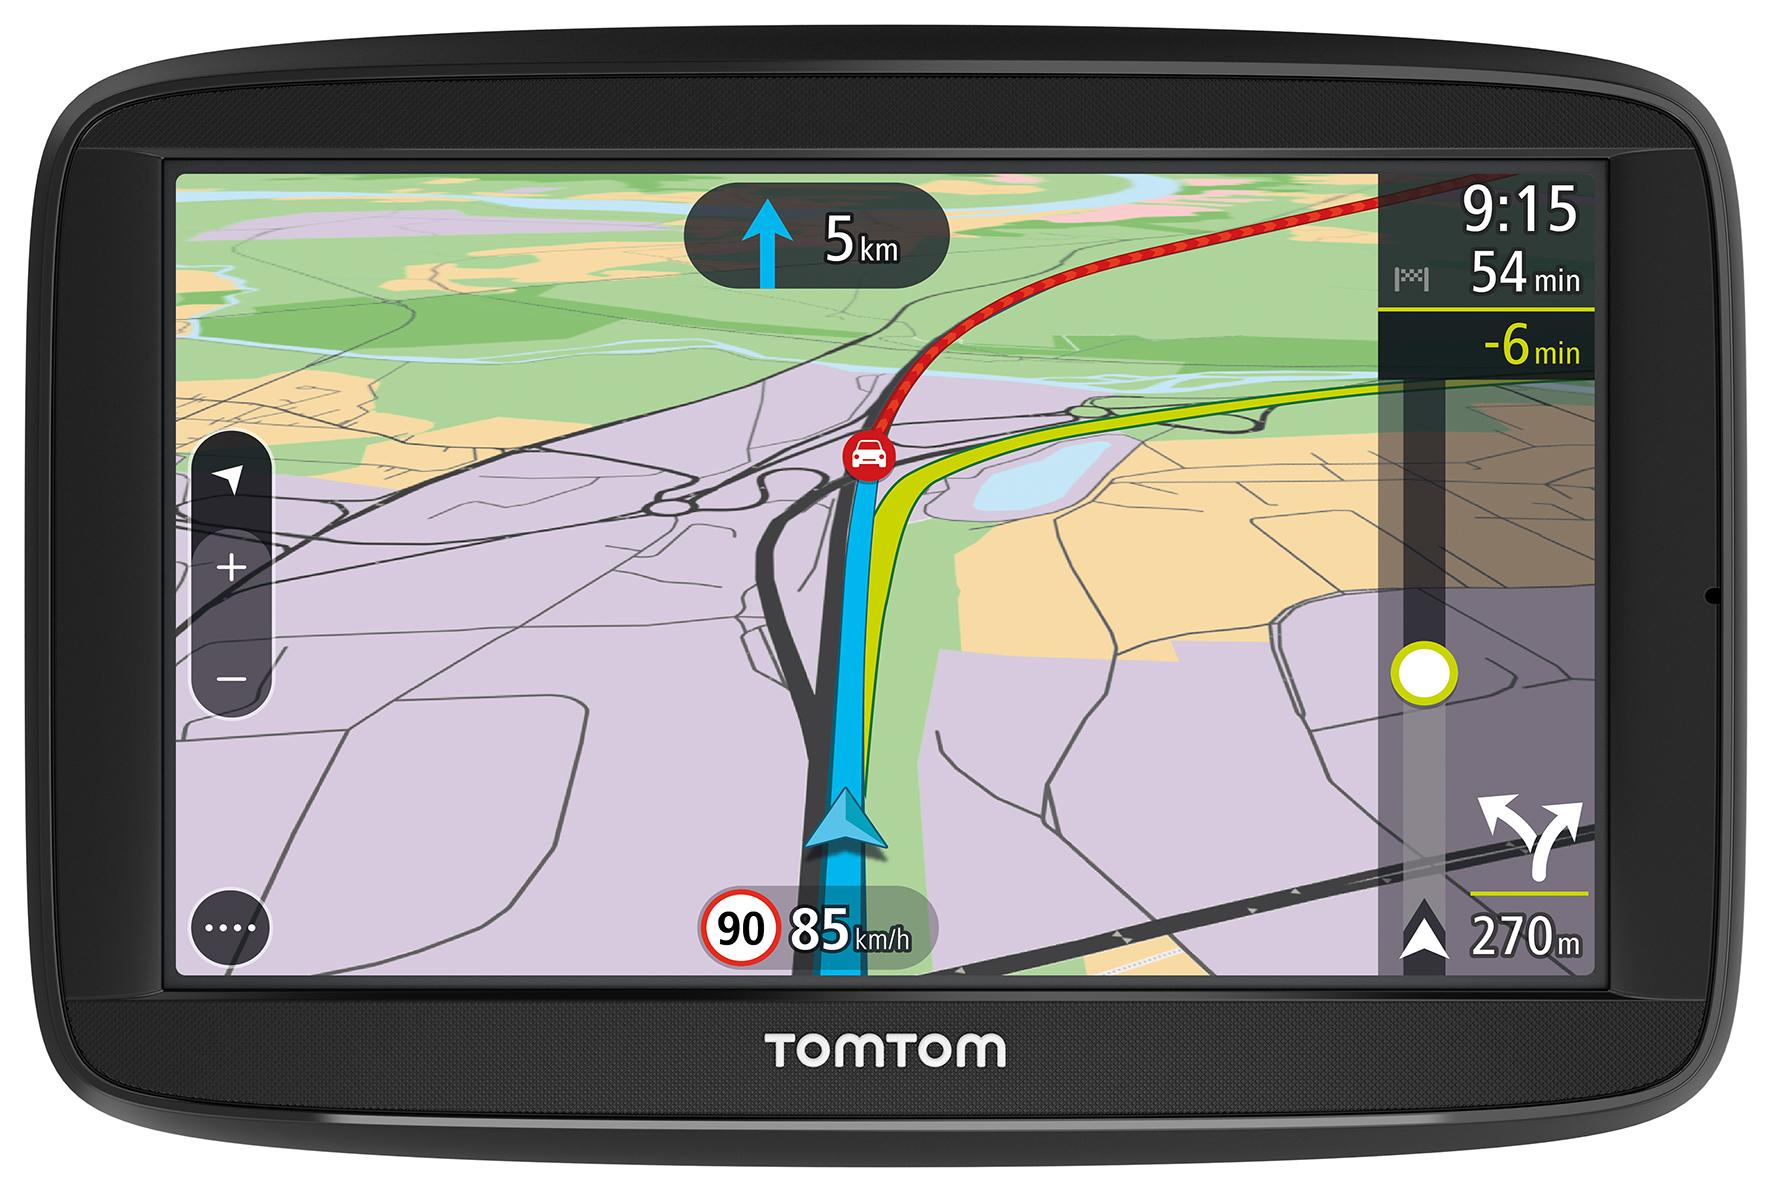 mid Groß-Gerau - Das TomTom VIA 52 ist ab sofort zu einem Preis von 179 Euro erhältlich.